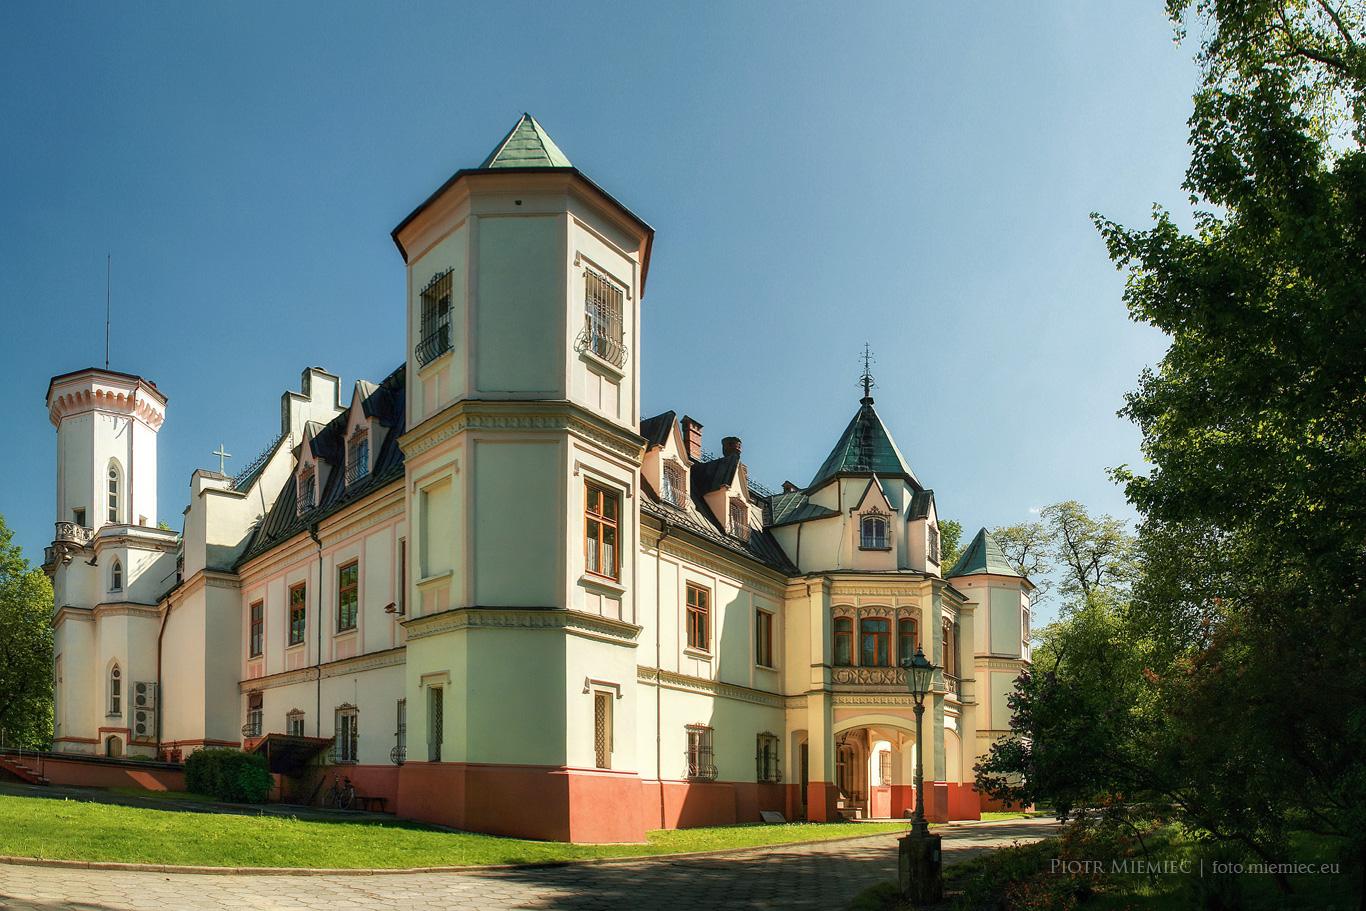 Pałac w Krzyżanowicach